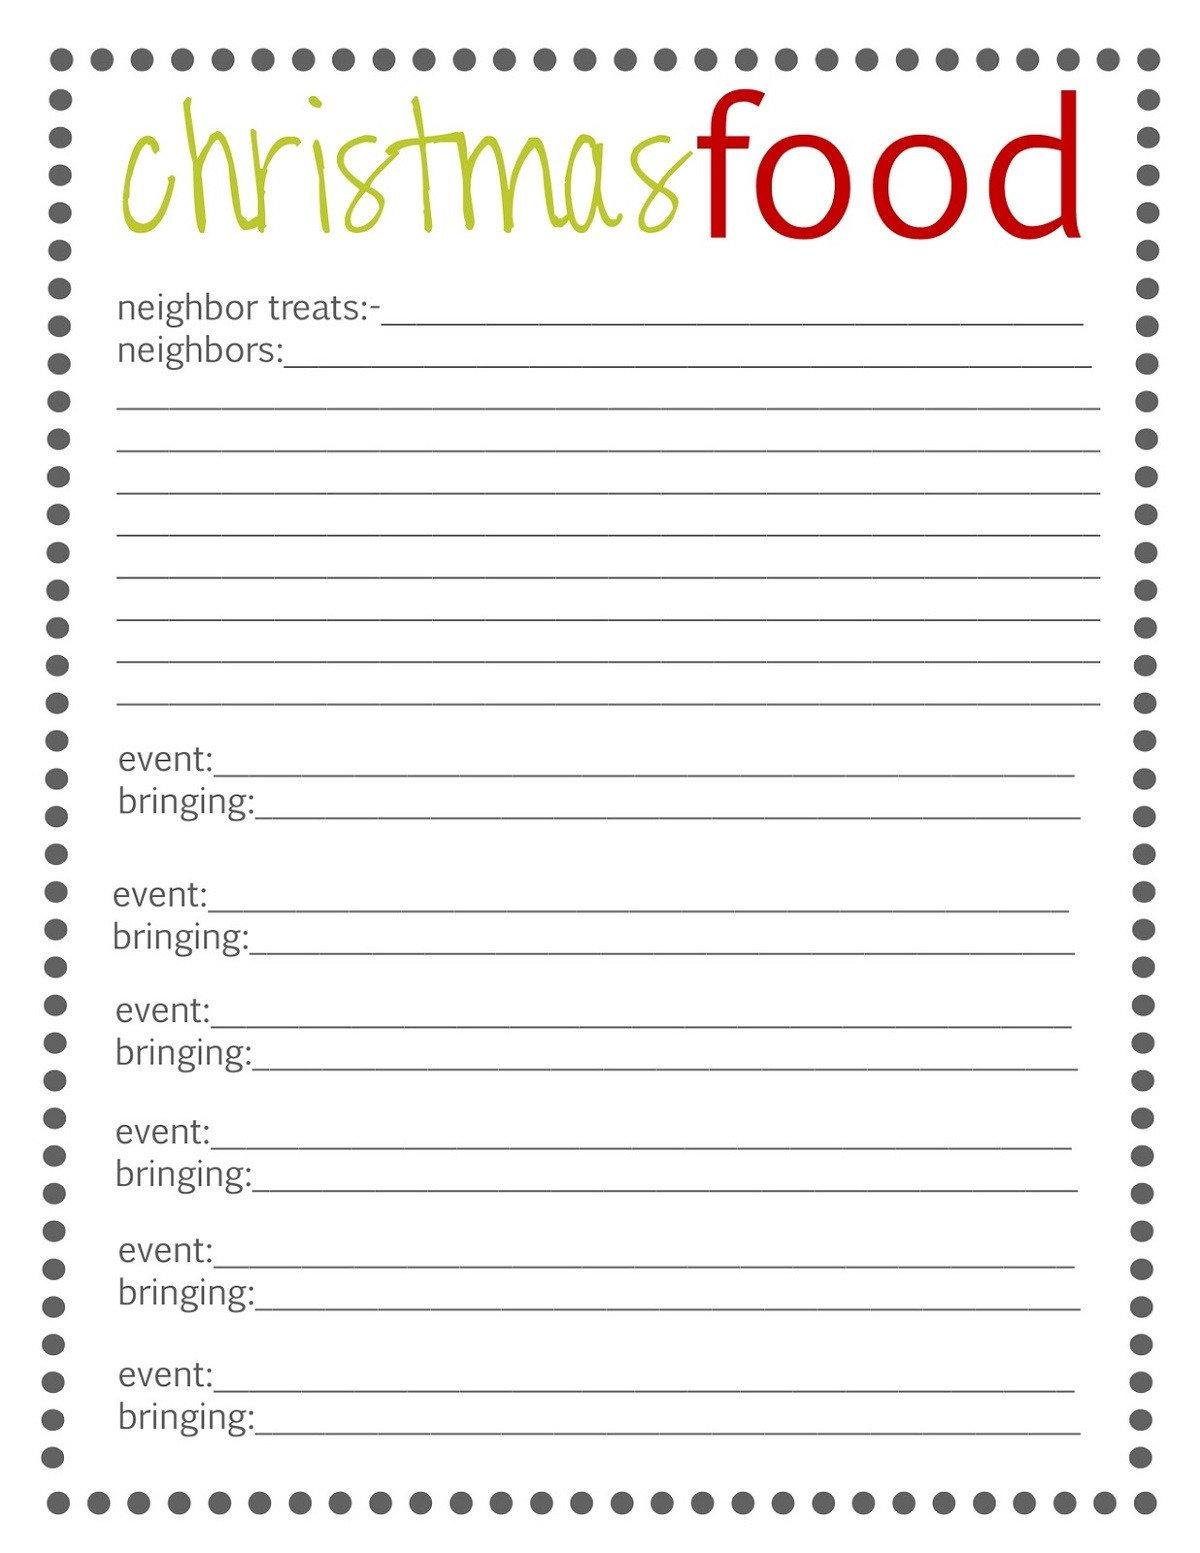 Holiday Potluck Signup Sheet Holiday Sign Up Sheet Templates Free